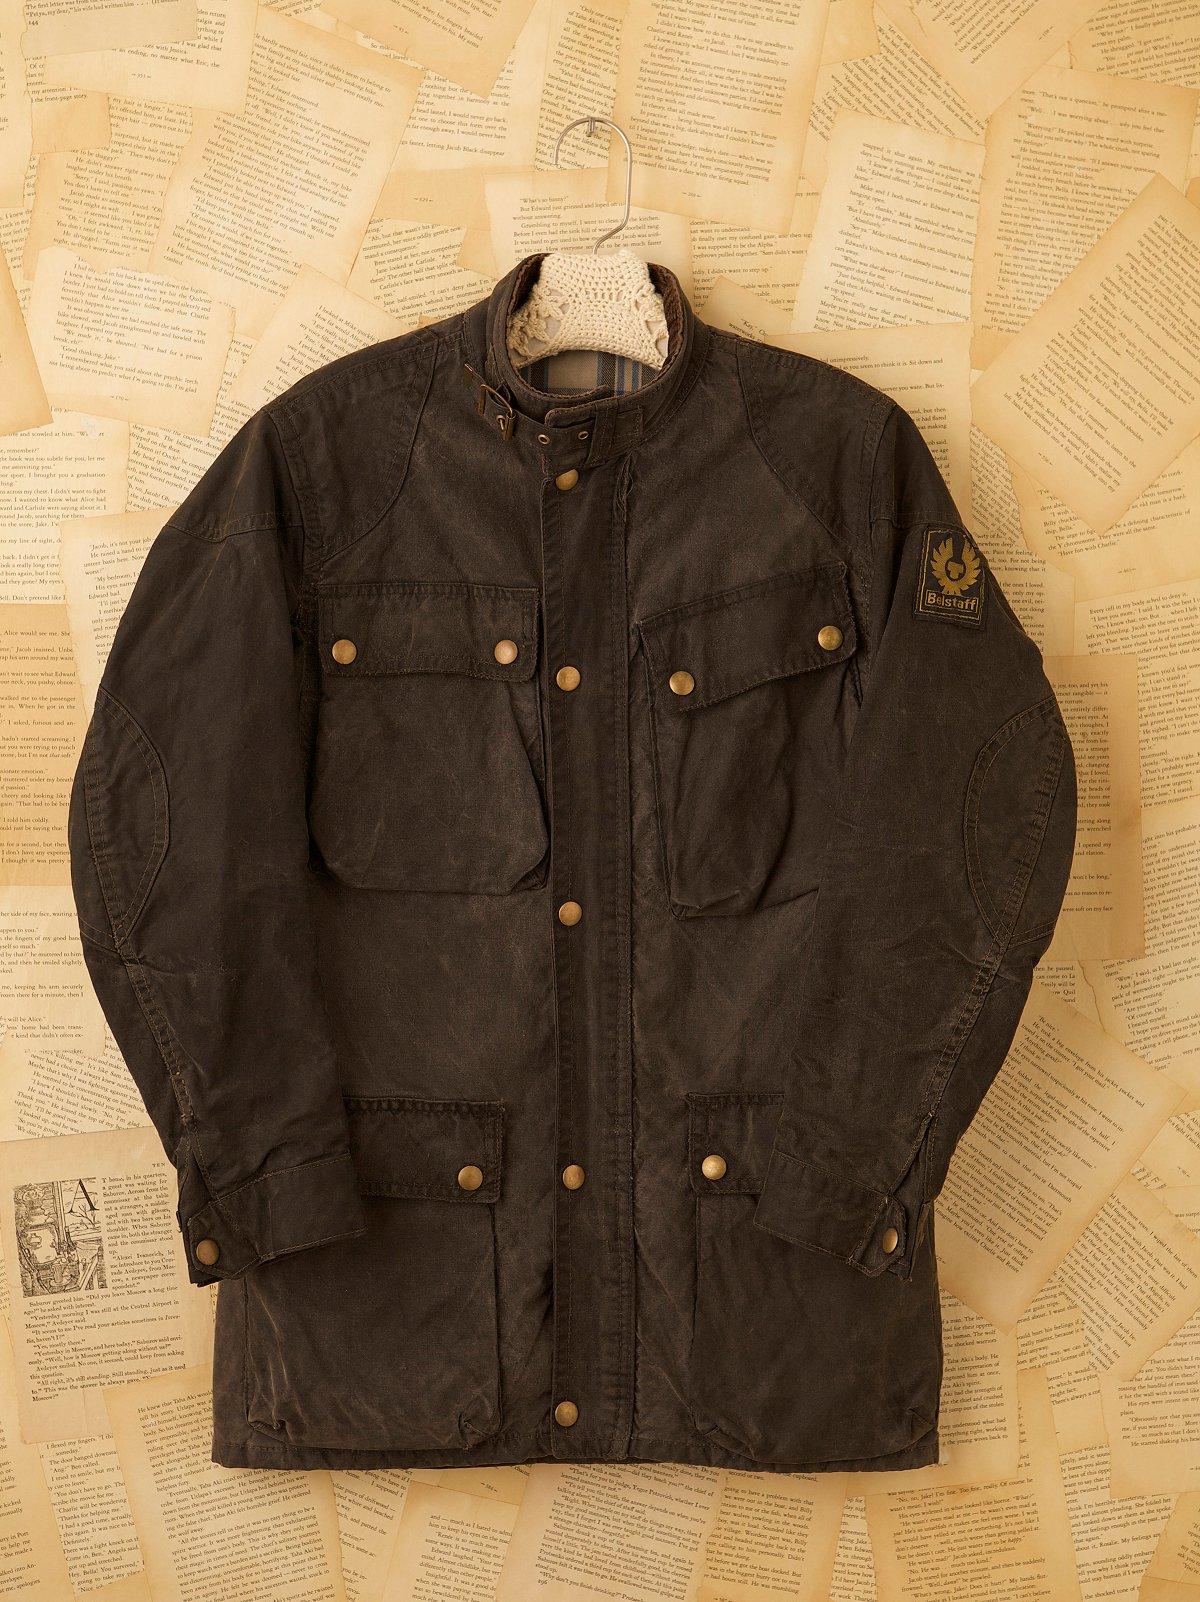 Vintage Belstaf Jacket